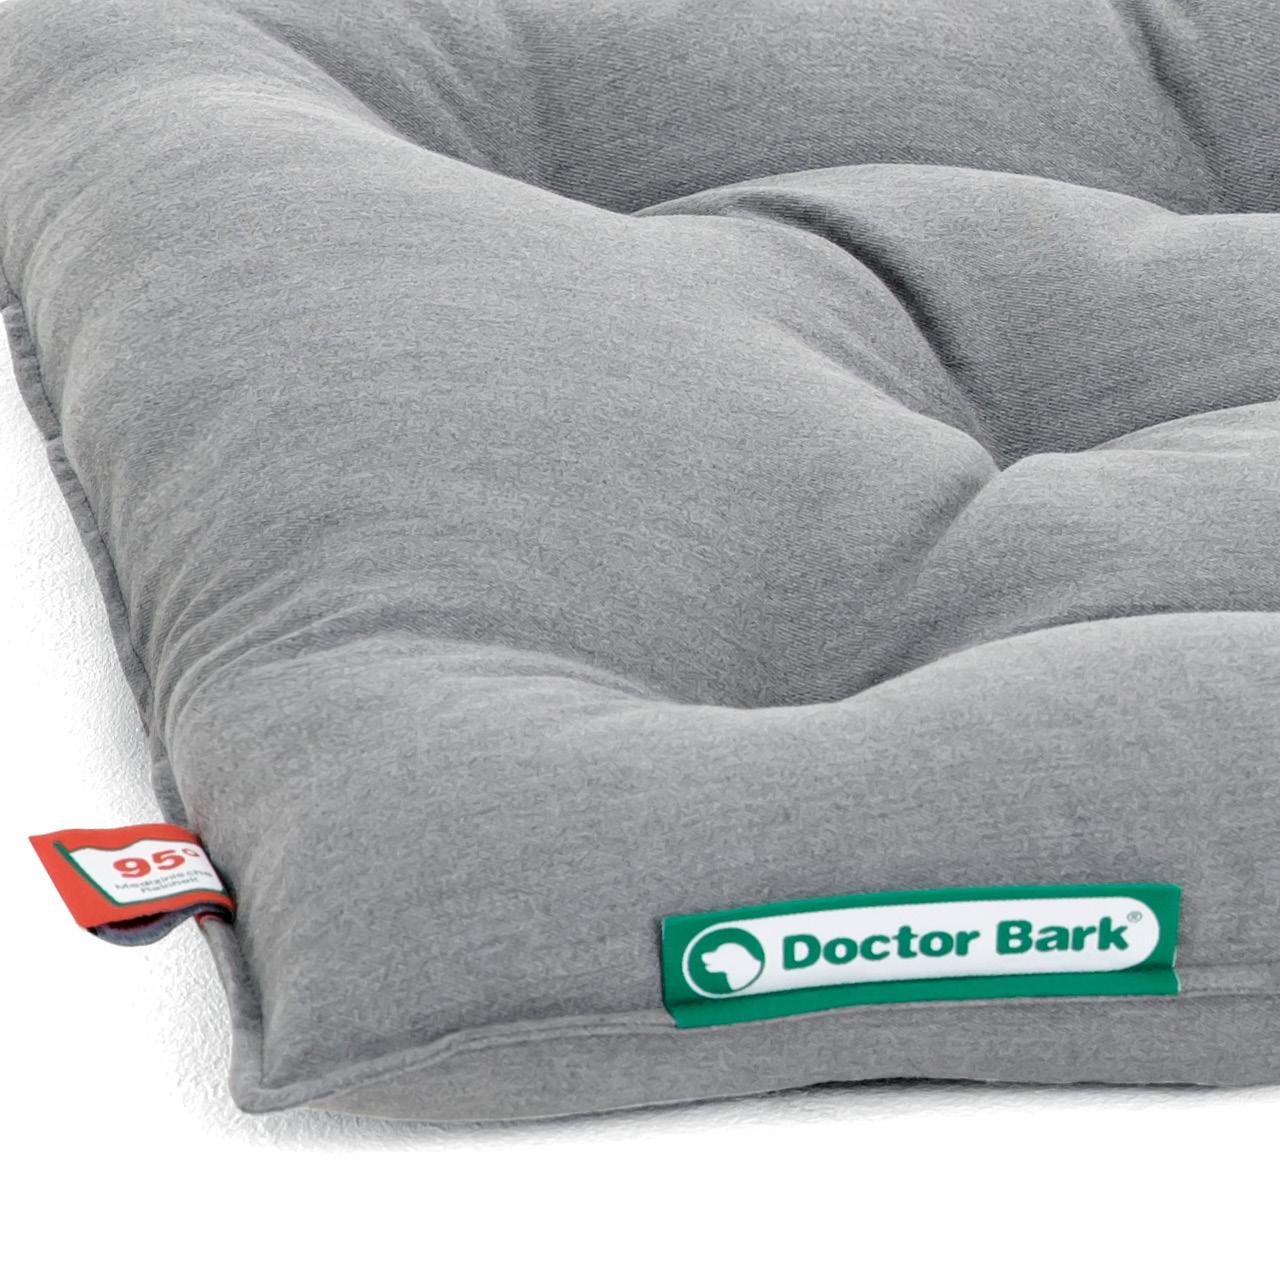 orthopädisches Einlegekissen für Doctor Bark Hundebett - hellgrau